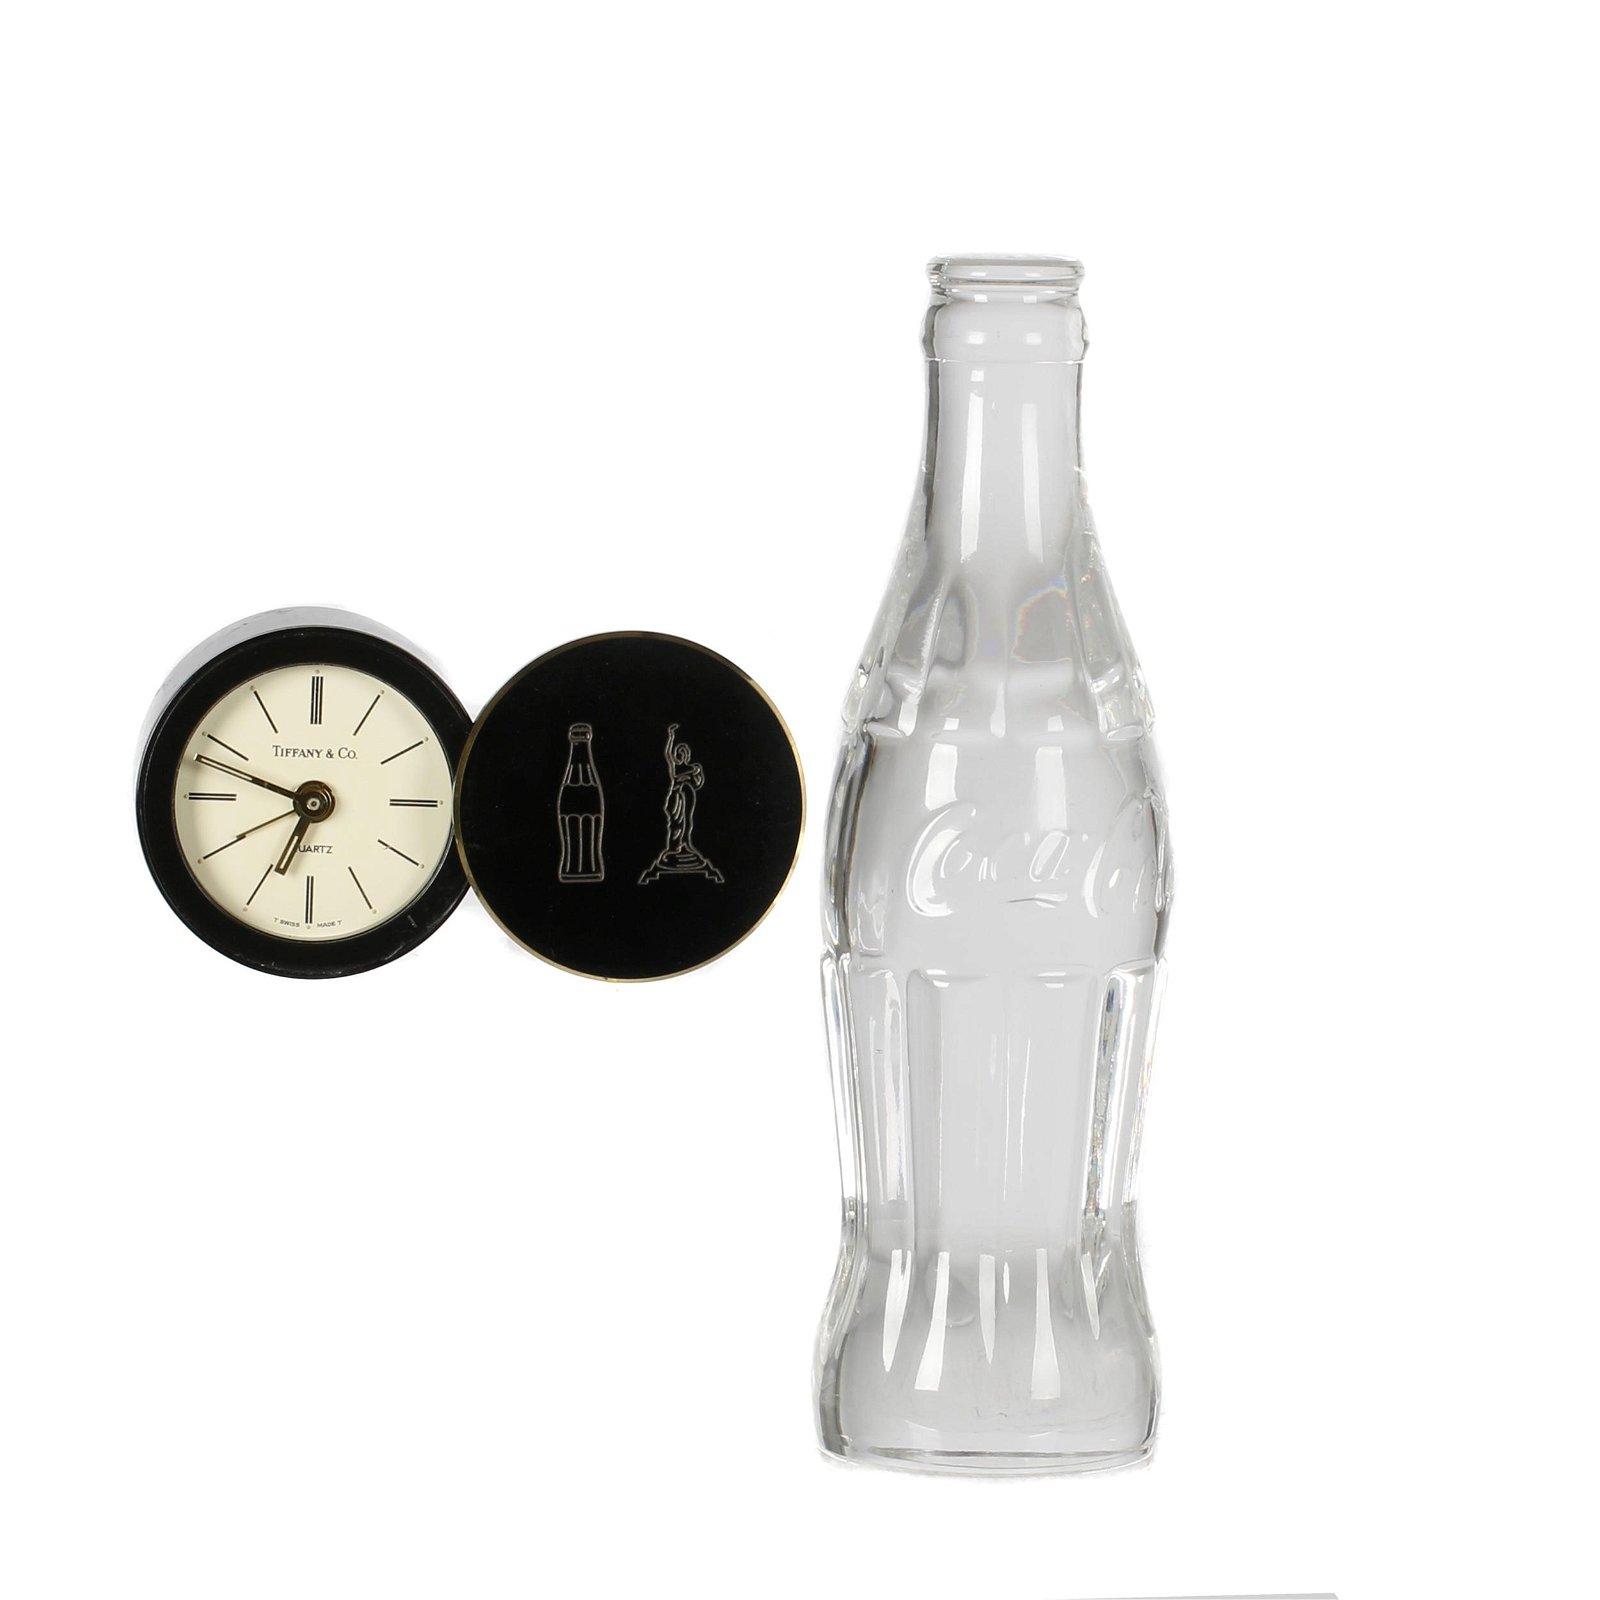 Tiffany & Co. brass desk clock;  of Coca-Cola Interest